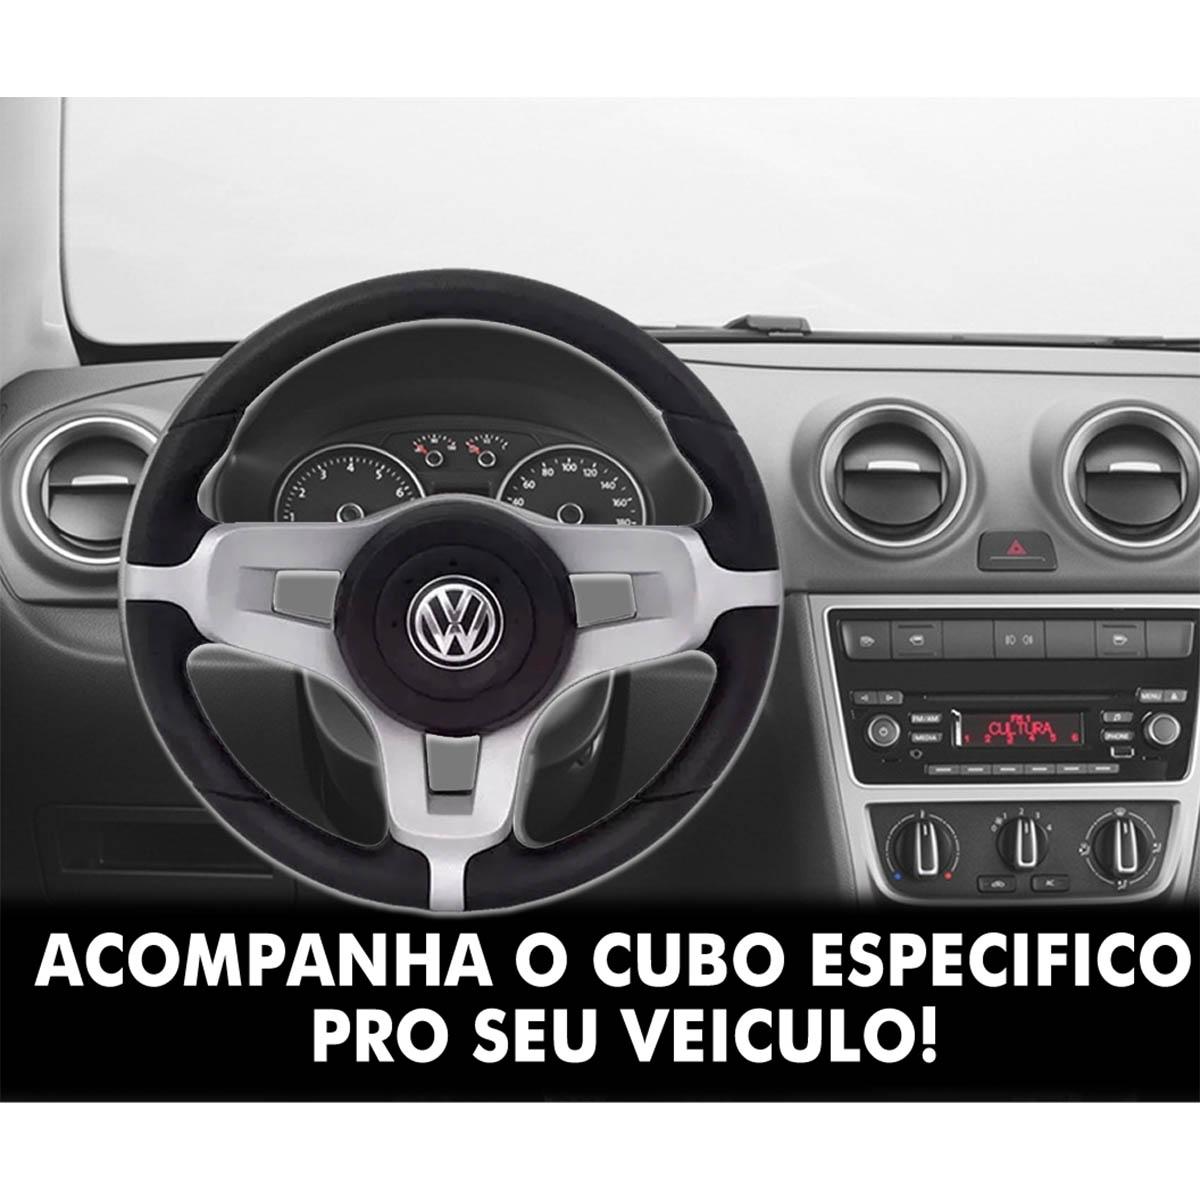 Volante Volkswagen Mustang Esportivo Cubo do Golf Saveiro Parati Voyage Fox Polo Passat Fusca Santana Poliparts